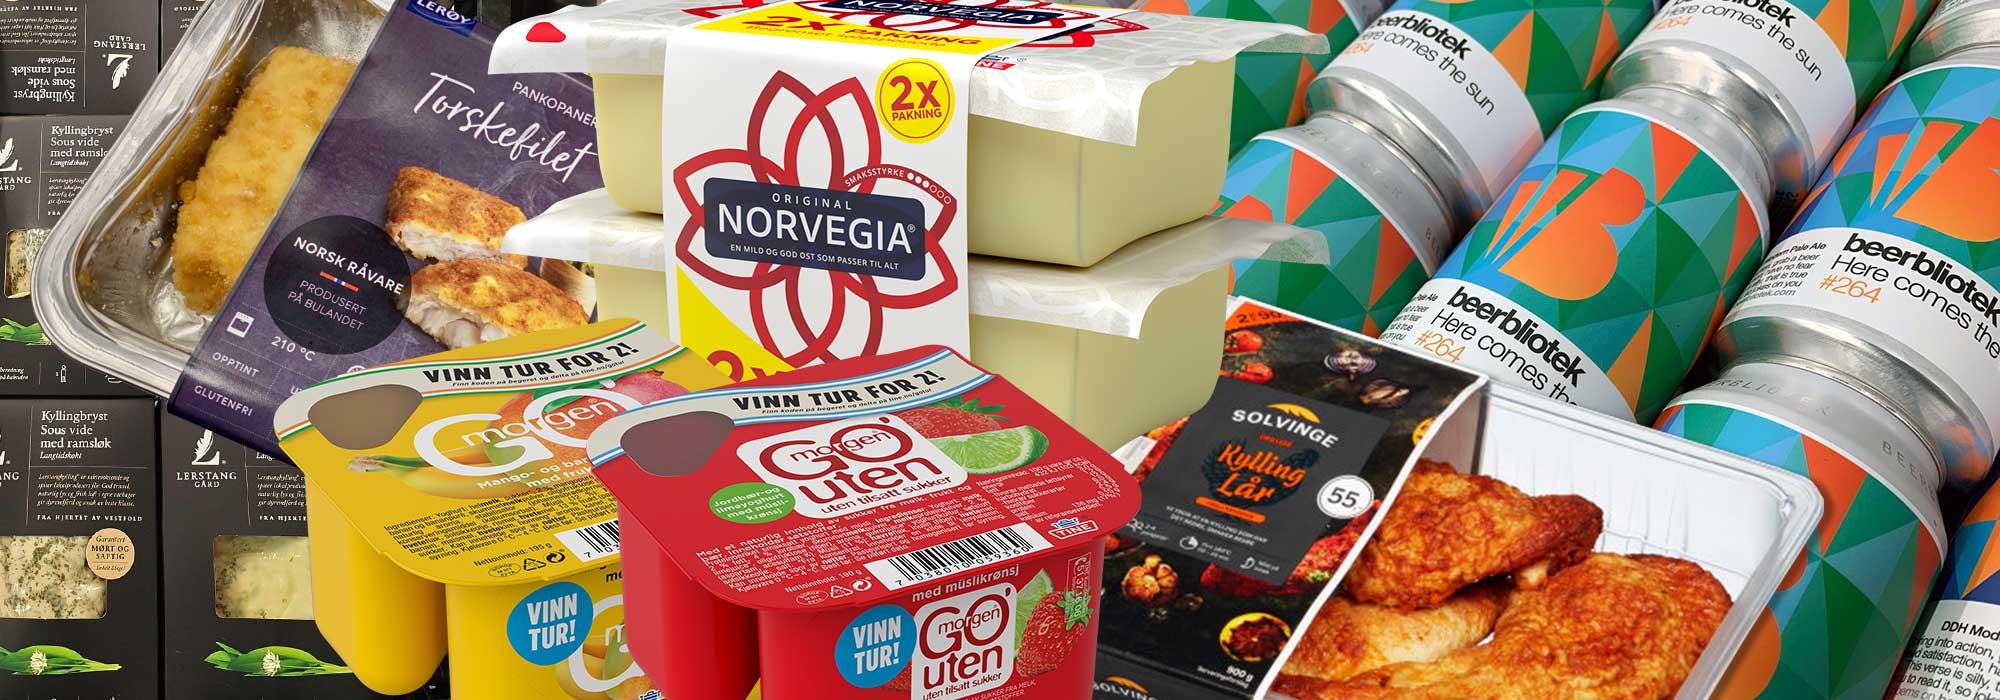 Flere etikettvarianter på emballasje satt sammen